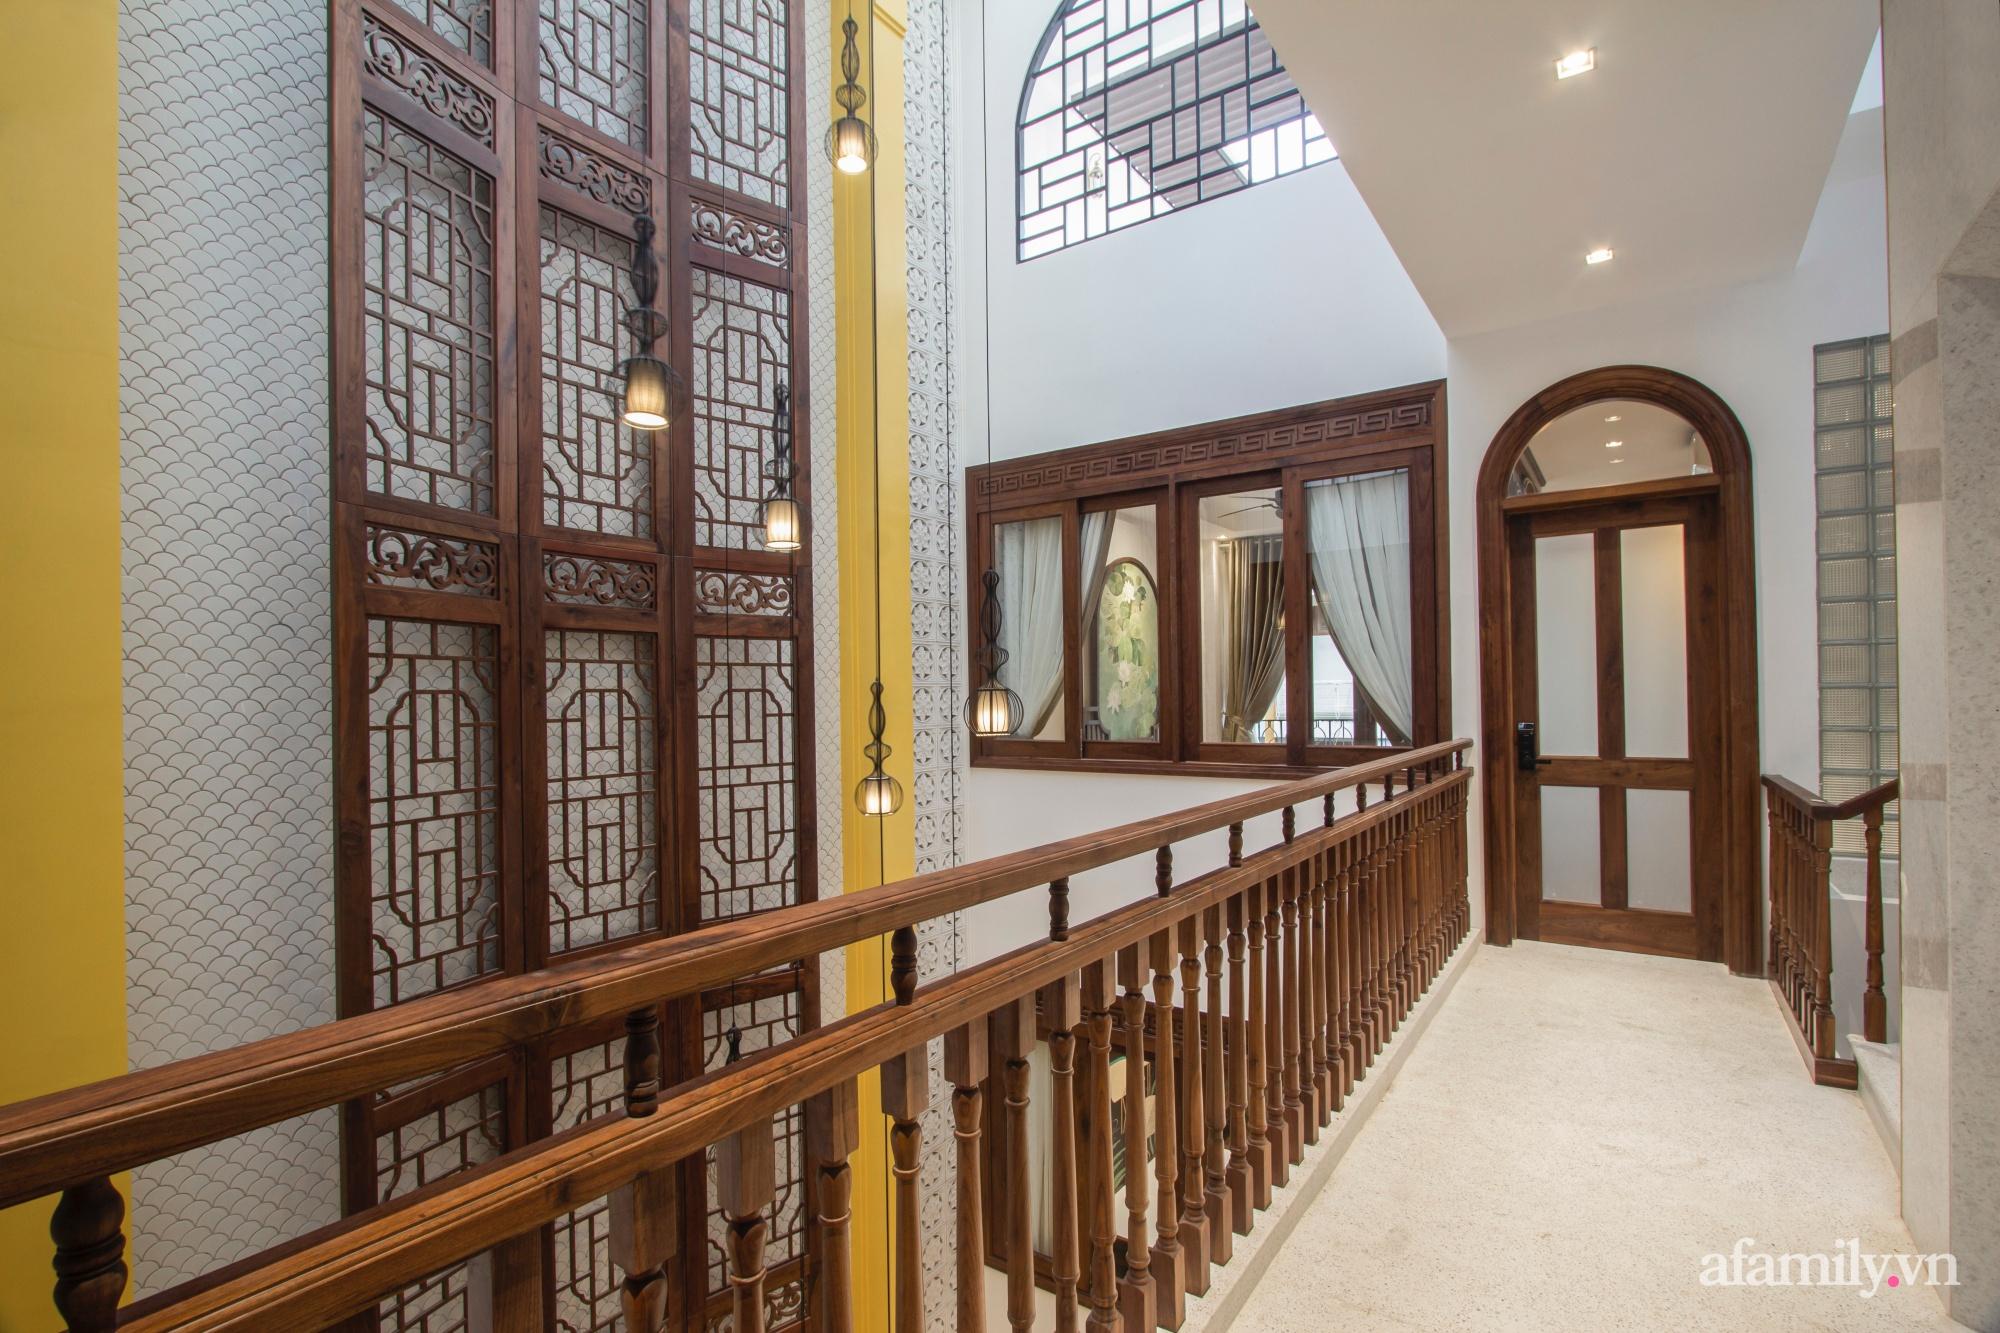 Nhà phố 8x16m đẹp bình yên, tĩnh tại mang hơi hướng của Đạo Phật và phong cách Á Đông ở Buôn Ma Thuột - Ảnh 12.